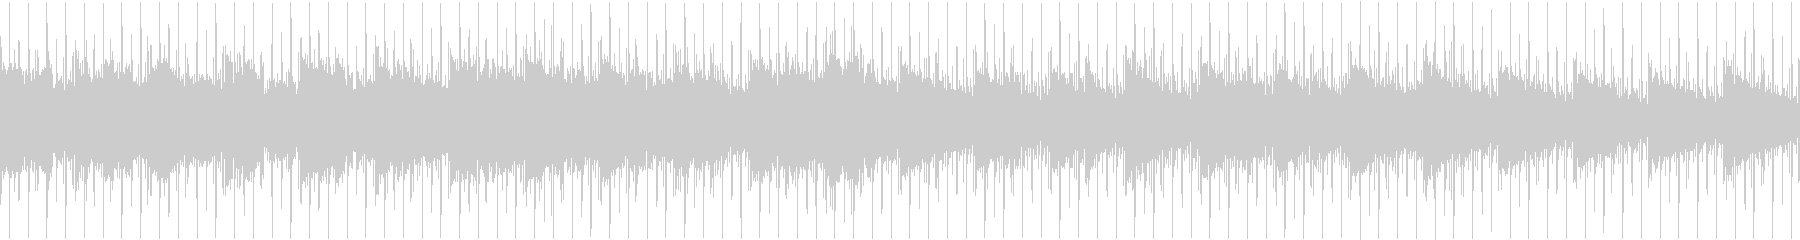 モノートーンで淡い感じのハウスループ音源の未再生の波形